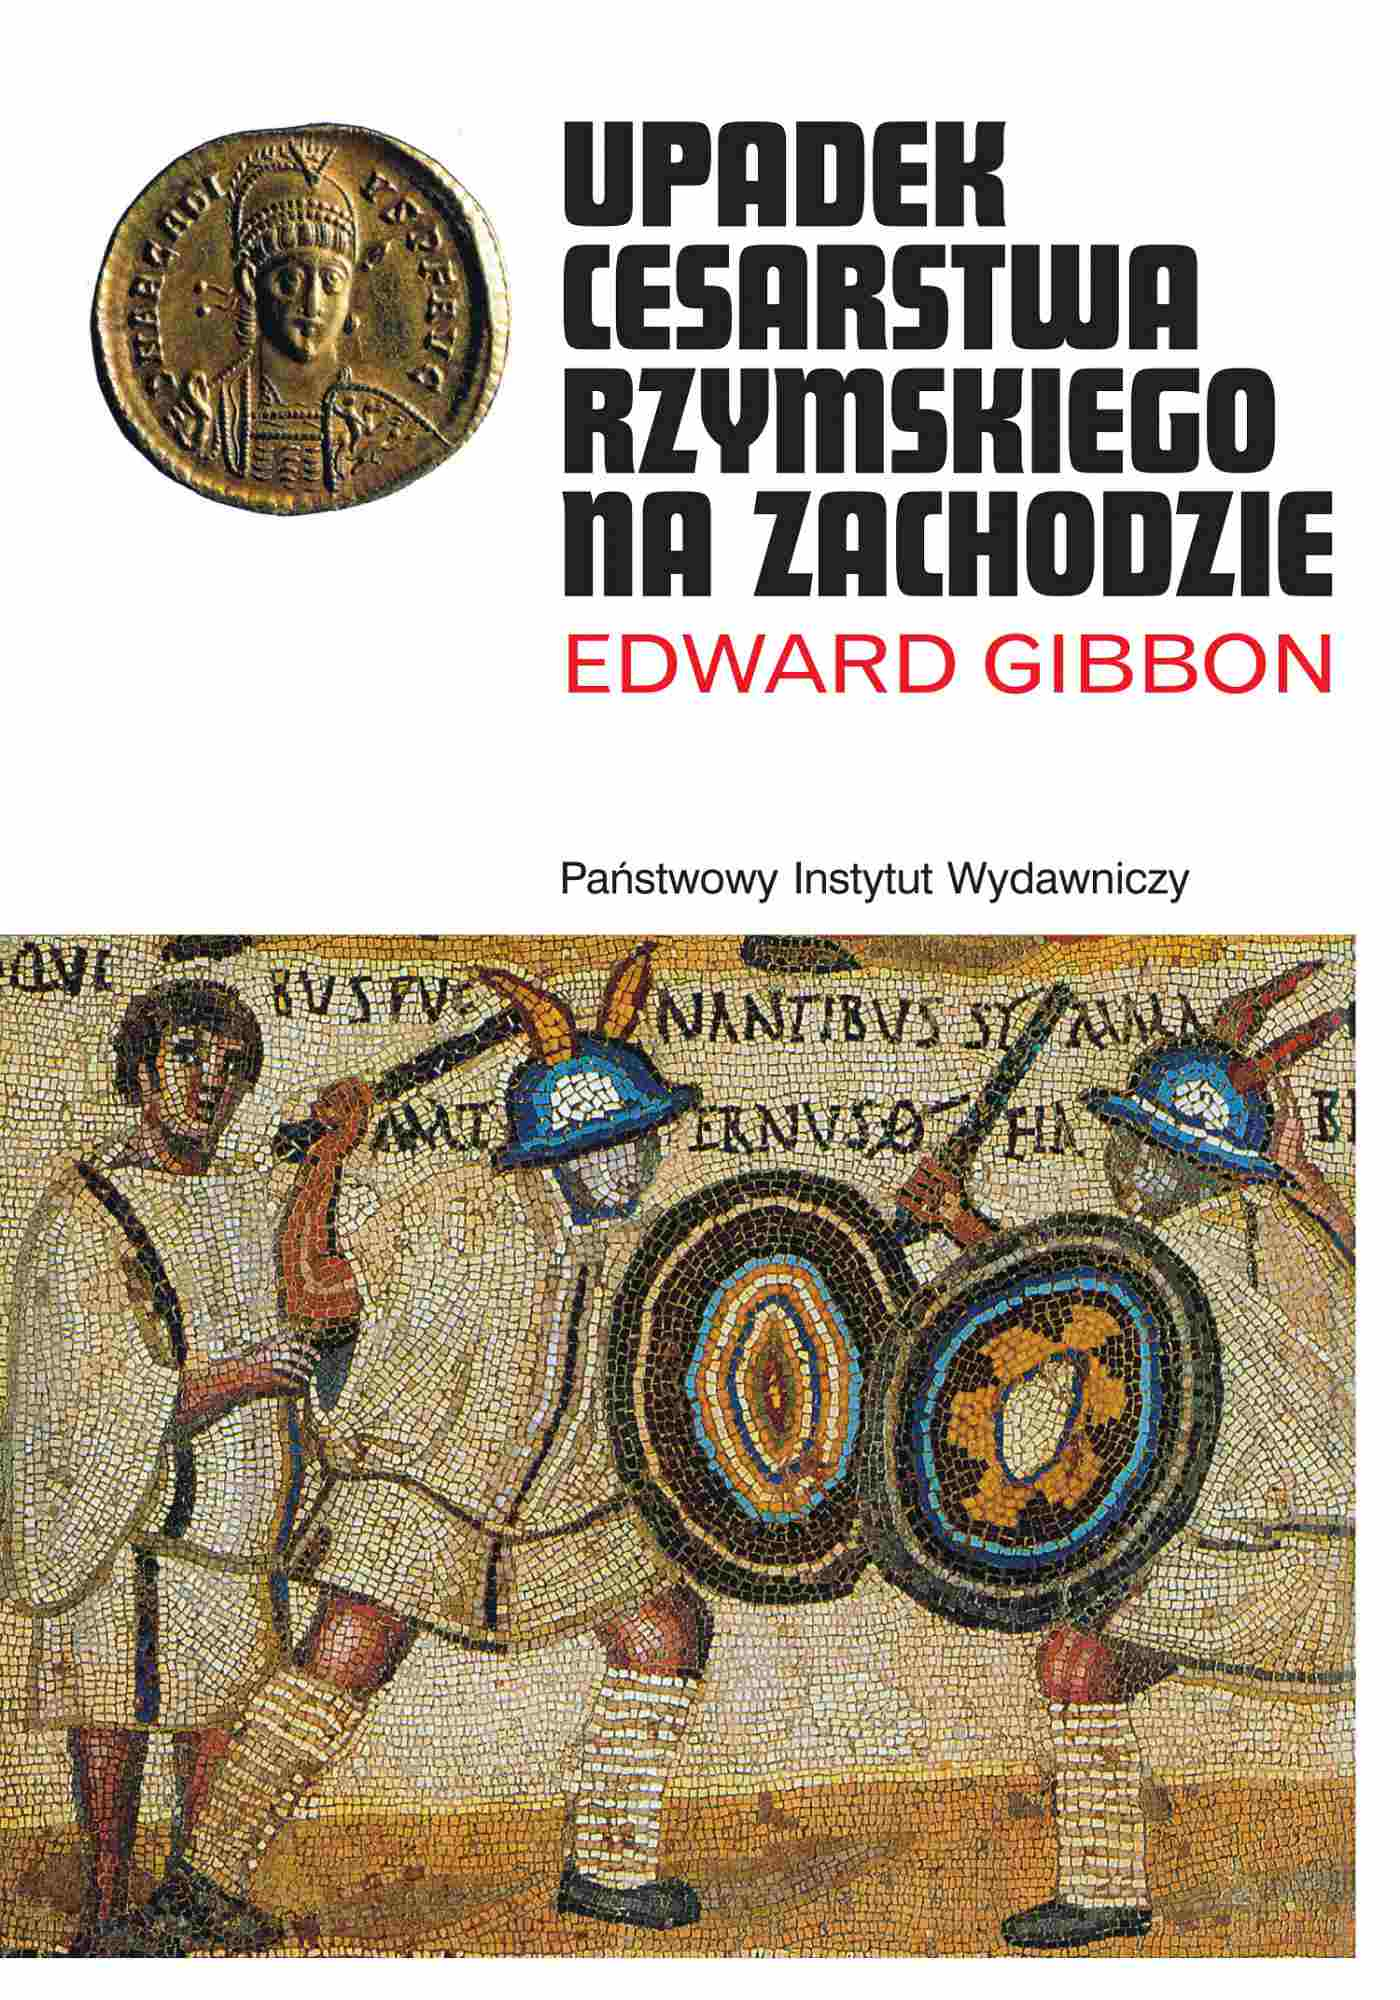 Upadek cesarstwa rzymskiego na Zachodzie - Ebook (Książka EPUB) do pobrania w formacie EPUB